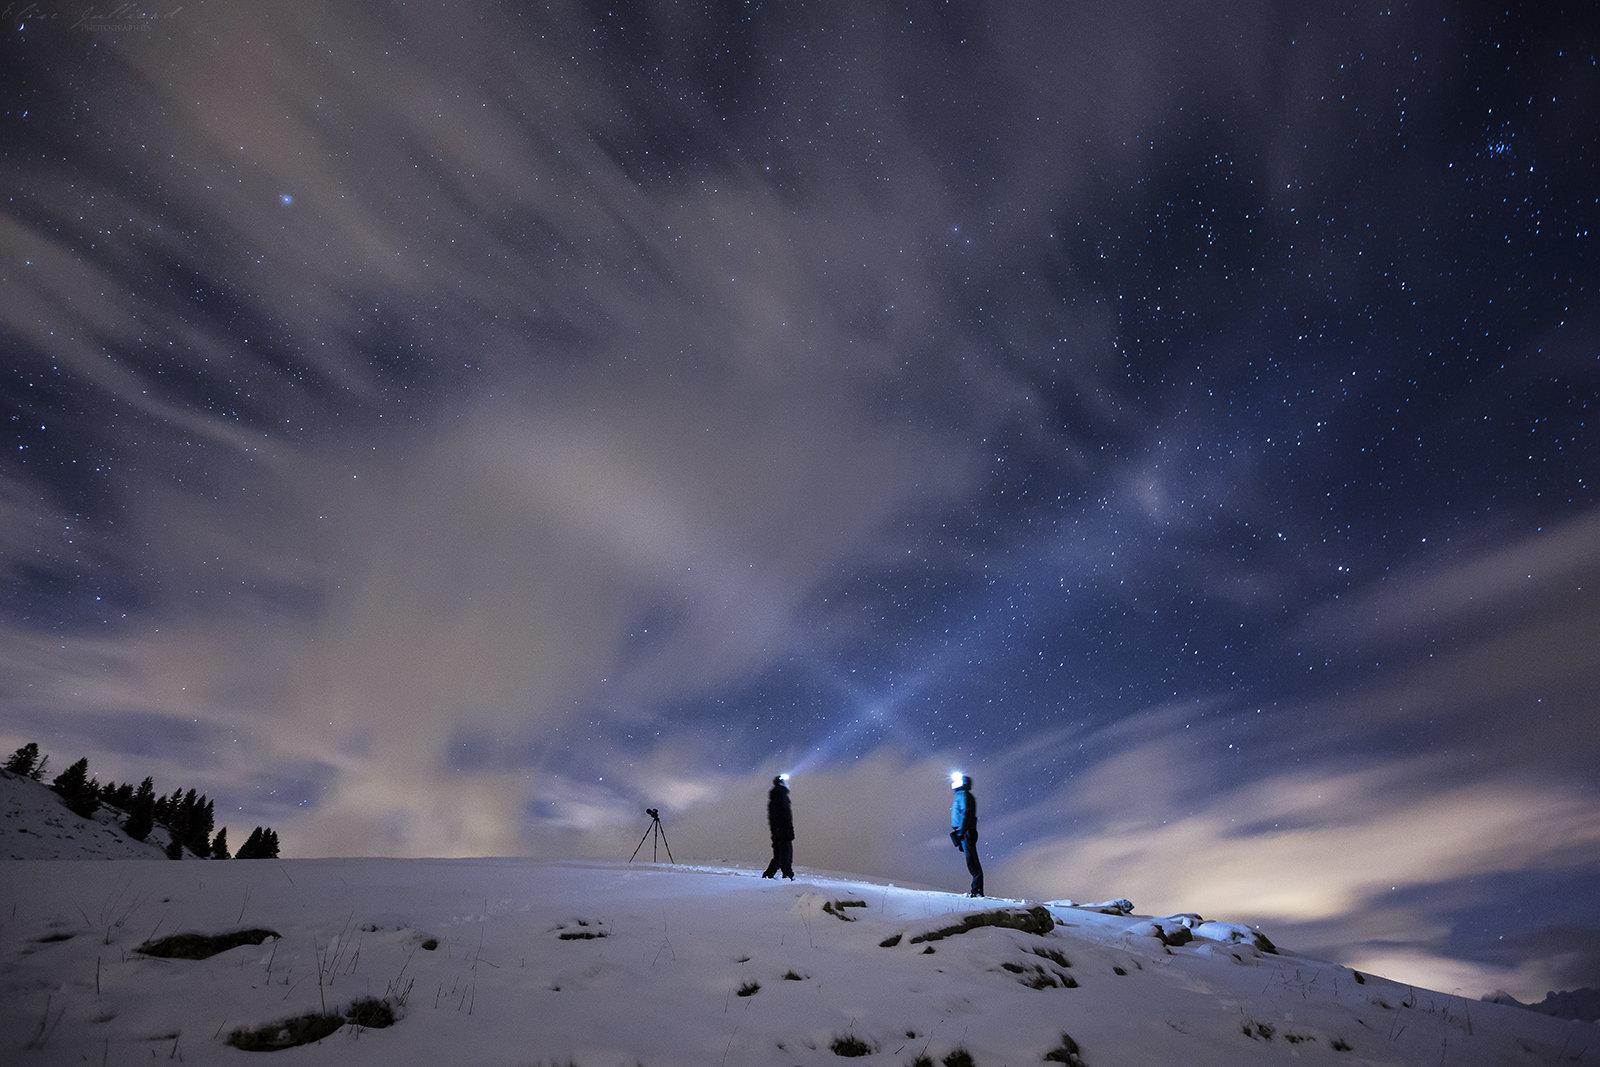 elise-julliard-photographe-portrait-nuit-lampe-frontale-etoile-ciel-montagne-haute-savoie